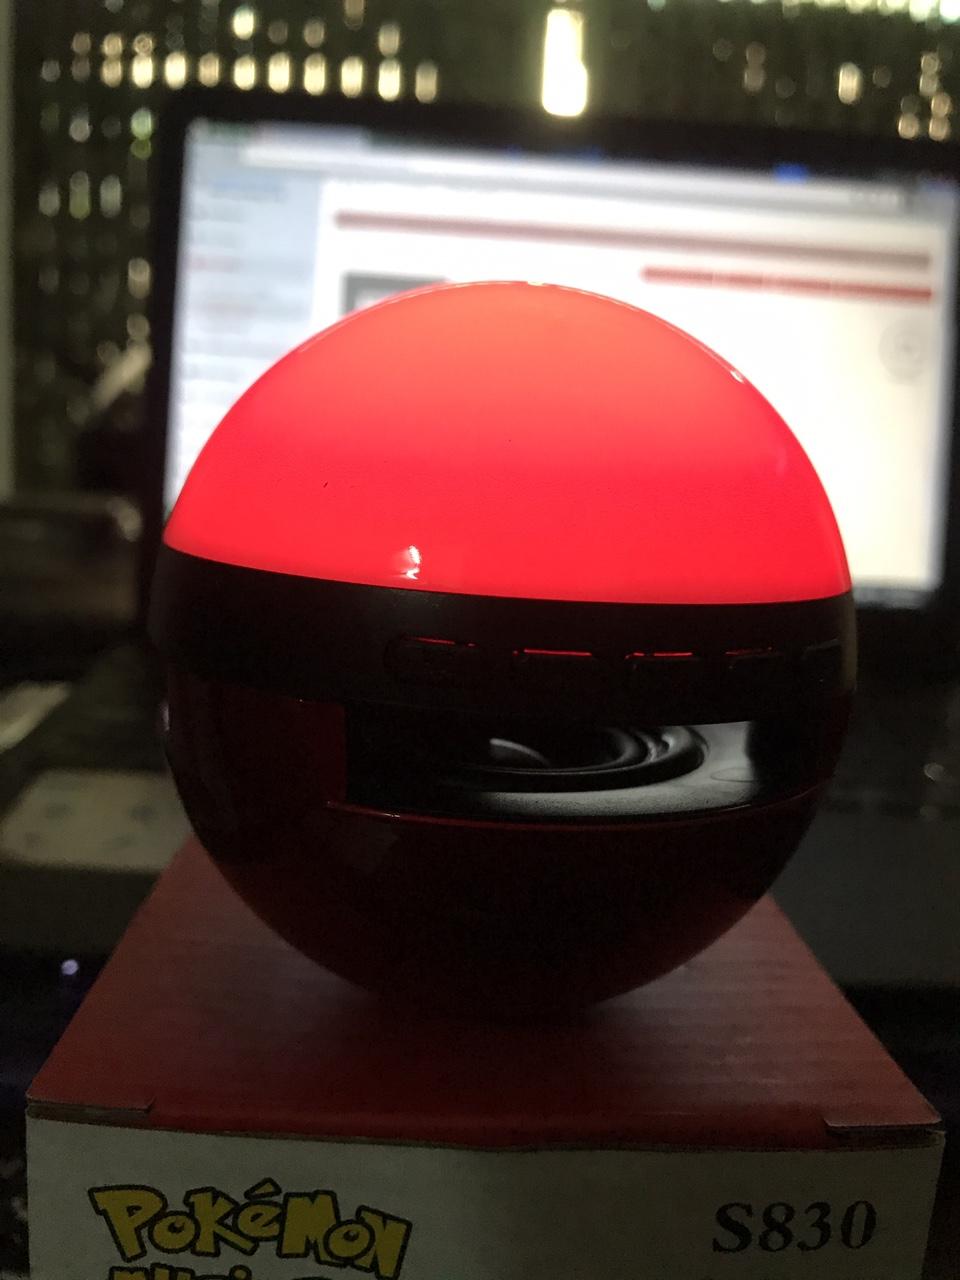 Loa bluetooth Pokemon có đèn cực đẹp giá sỉ và lẻ rẻ nhất 01050